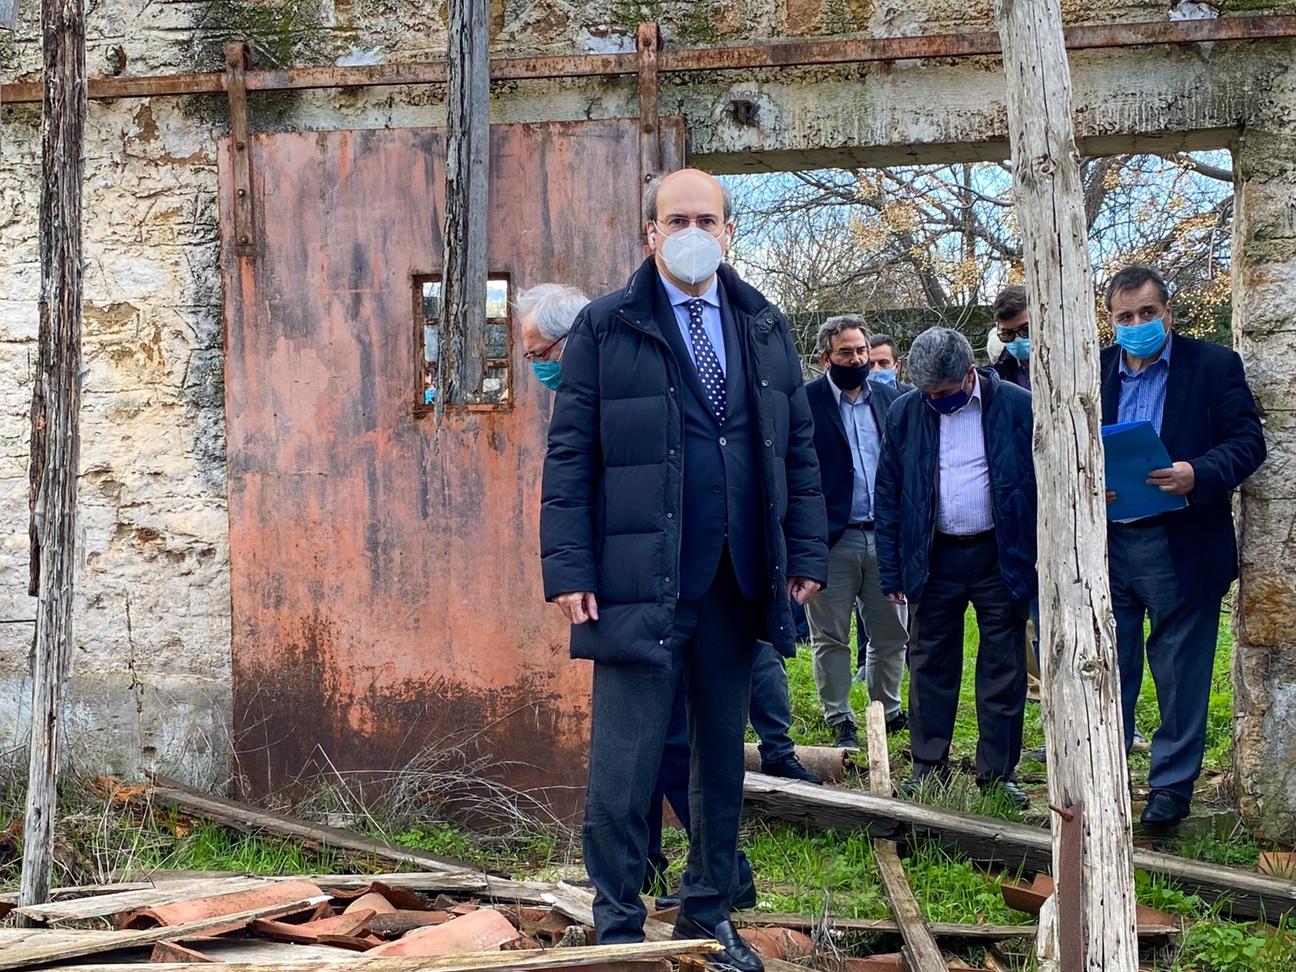 Κ. Χατζηδάκης: Περί τα 9.500 τα ετοιμόρροπα κτίρια στη χώρα – Άμεσες θεσμικές παρεμβάσεις του ΥΠΕΝ